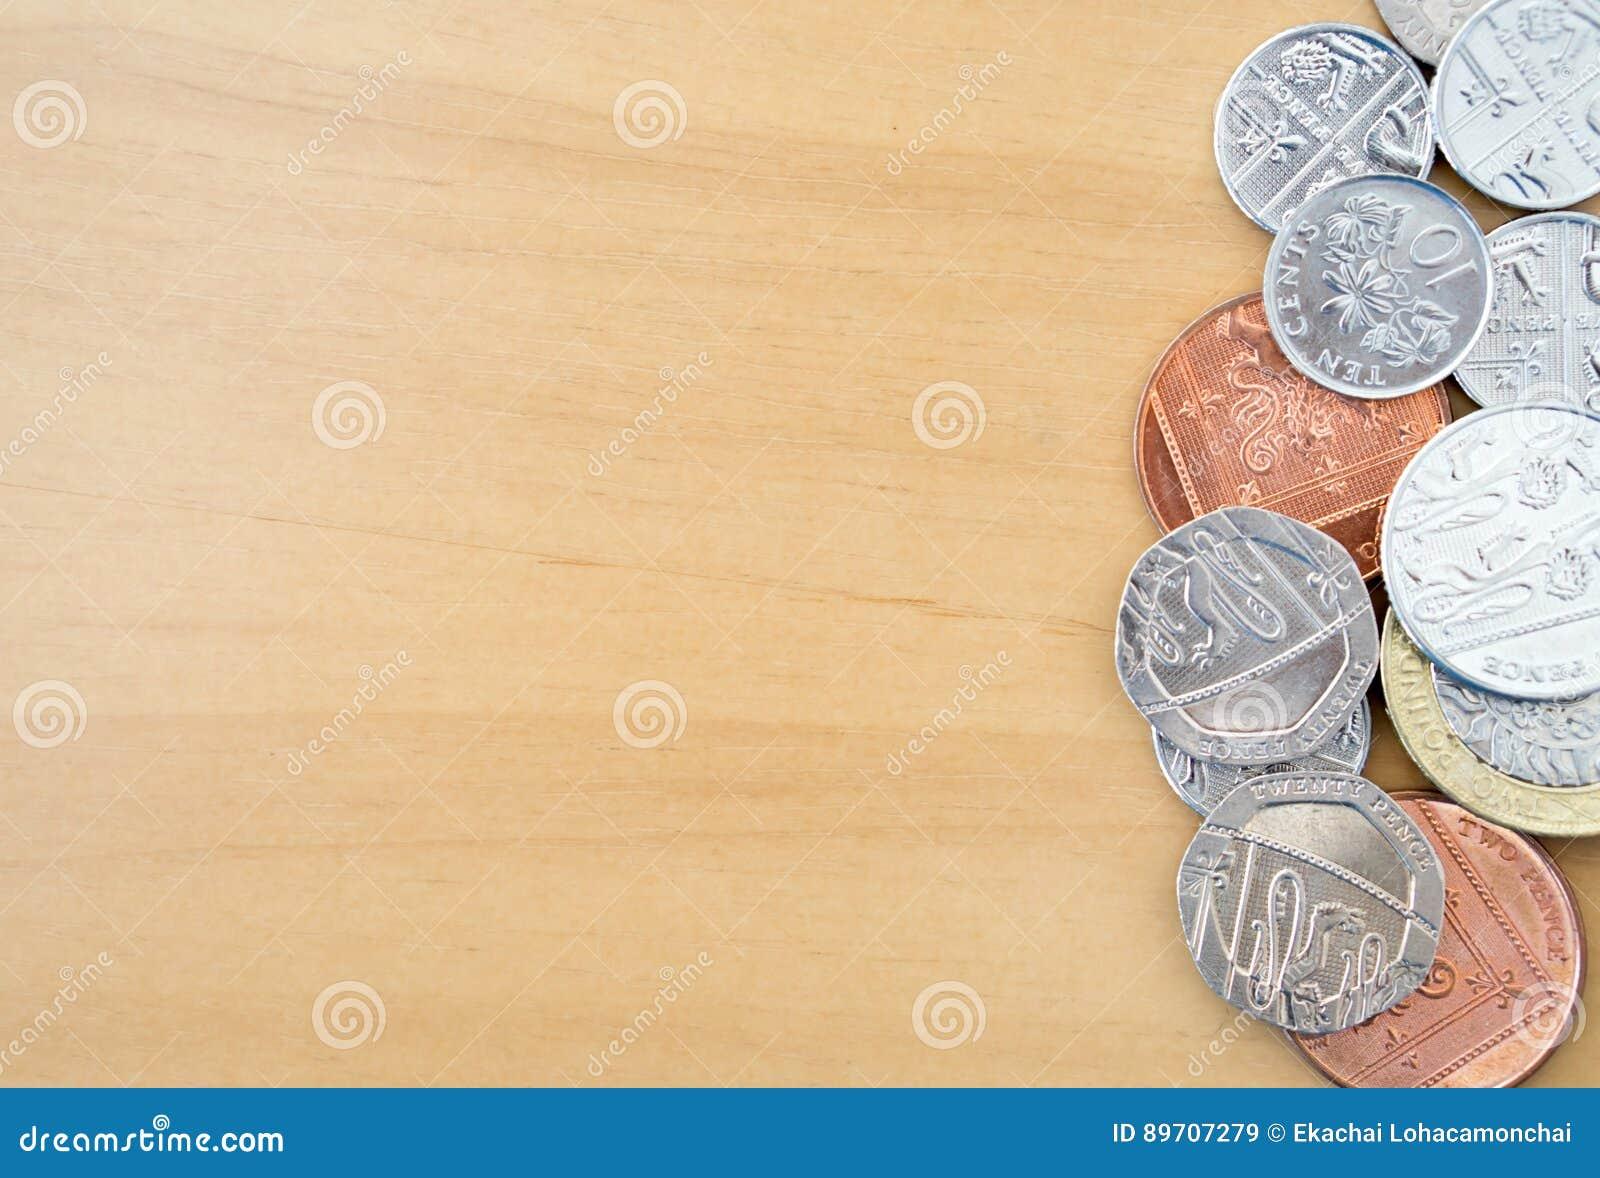 modern british coins